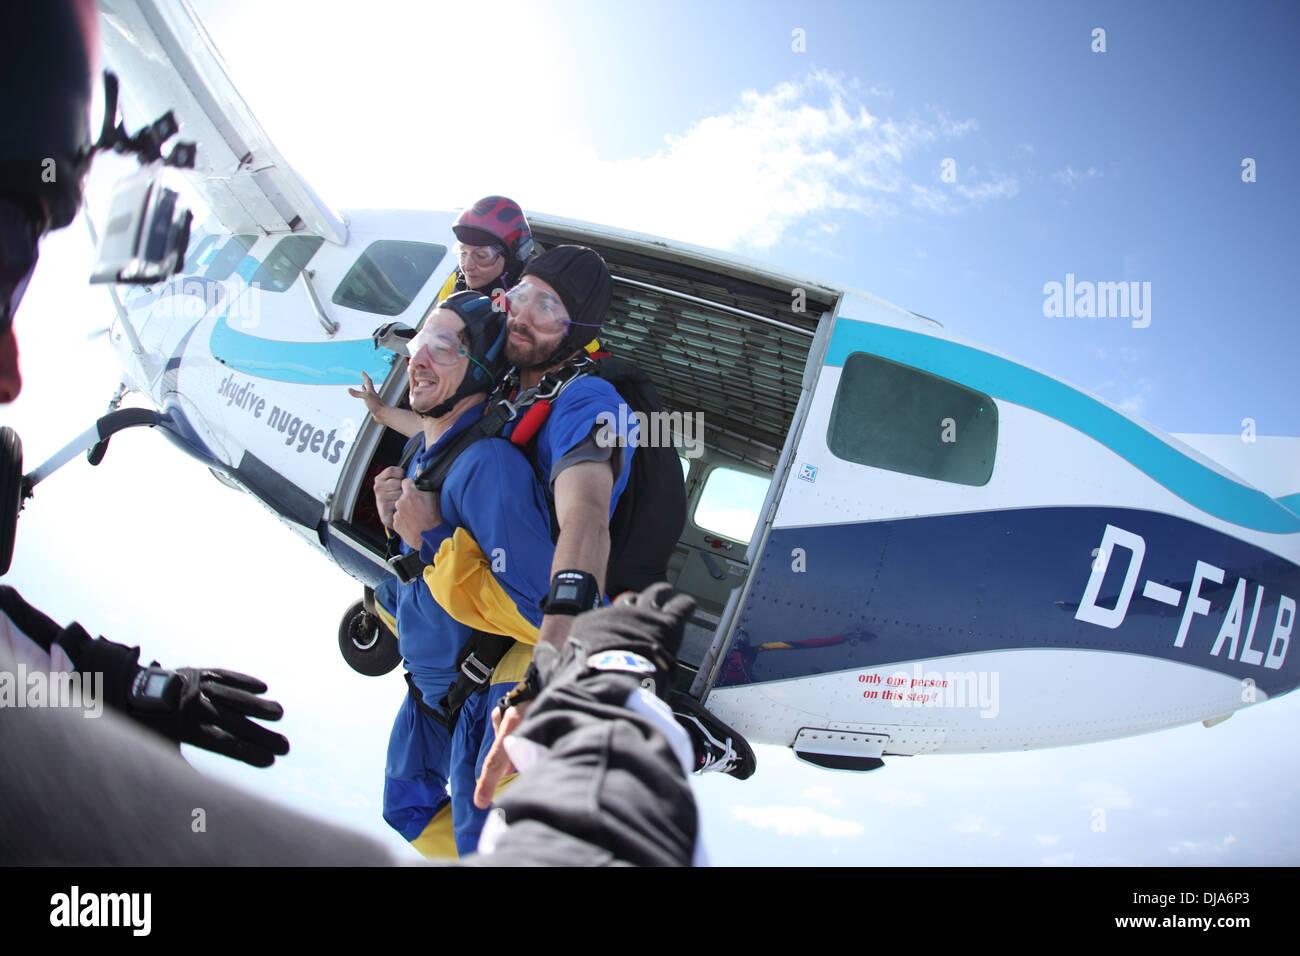 Skydivers están saltando juntos fuera de la aeronave. Un puente es hacer un bautizo de vuelo fijo a un salto profesional master. Imagen De Stock